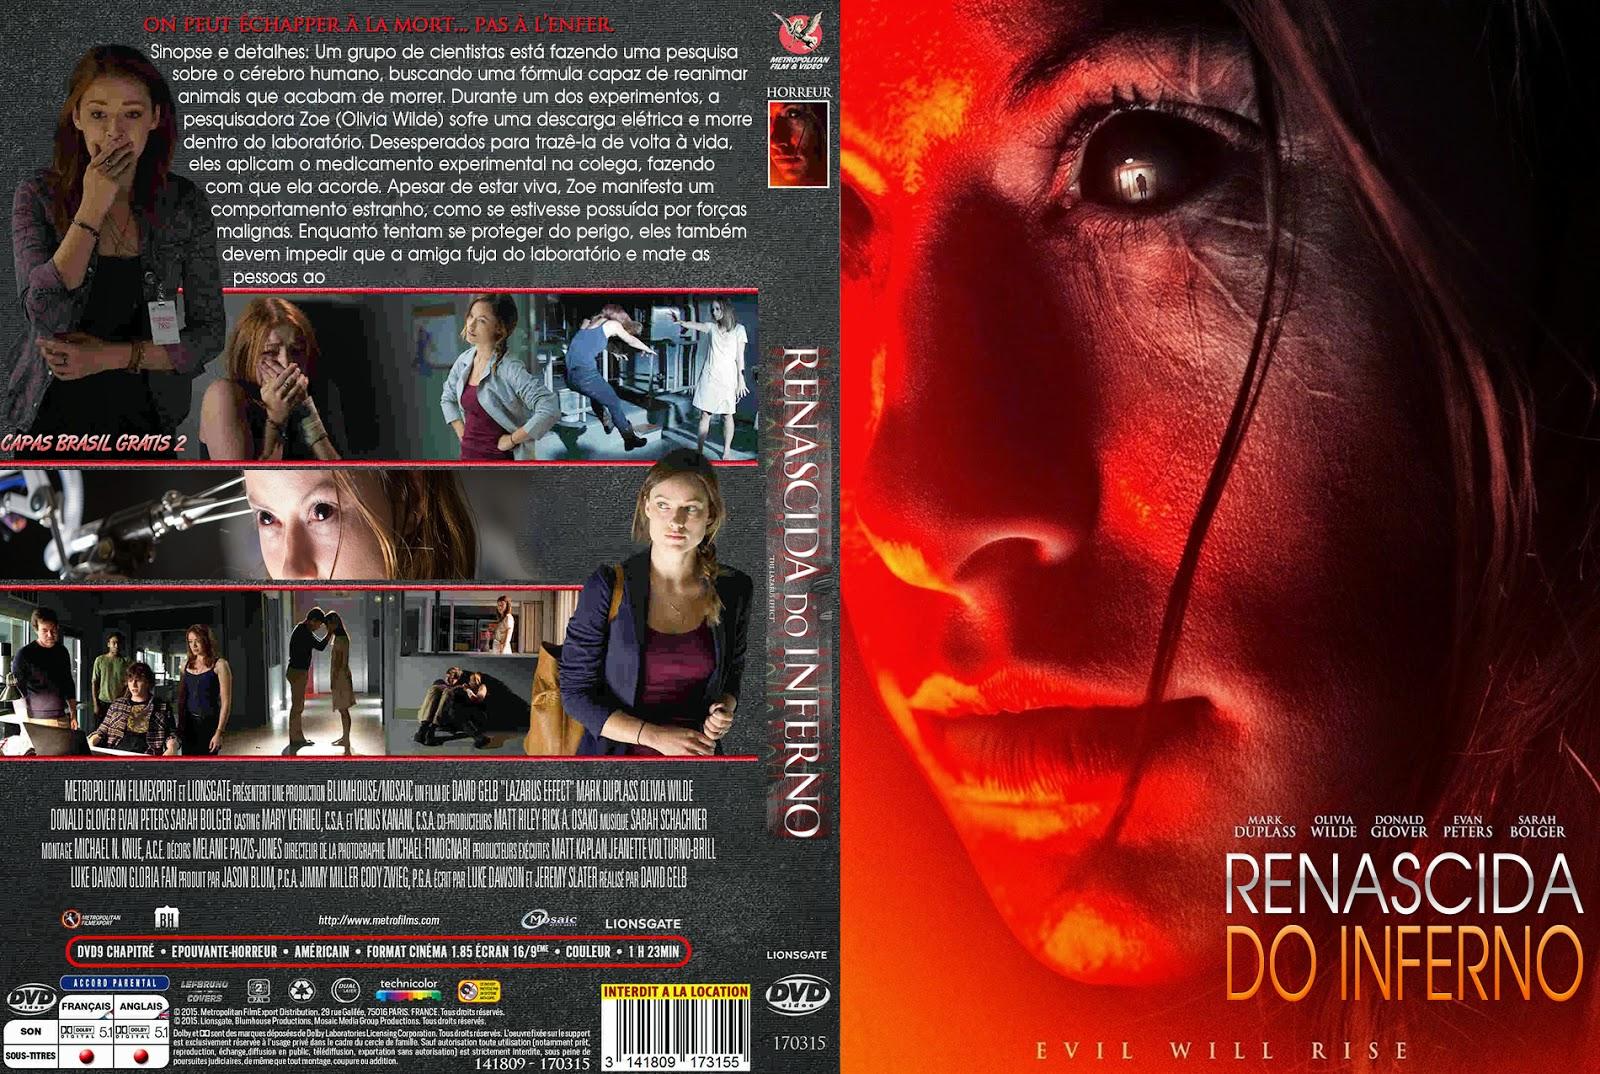 Renascida do Inferno BDRip XviD Dual Áudio Renascida 2Bdo 2BInferno 2B02